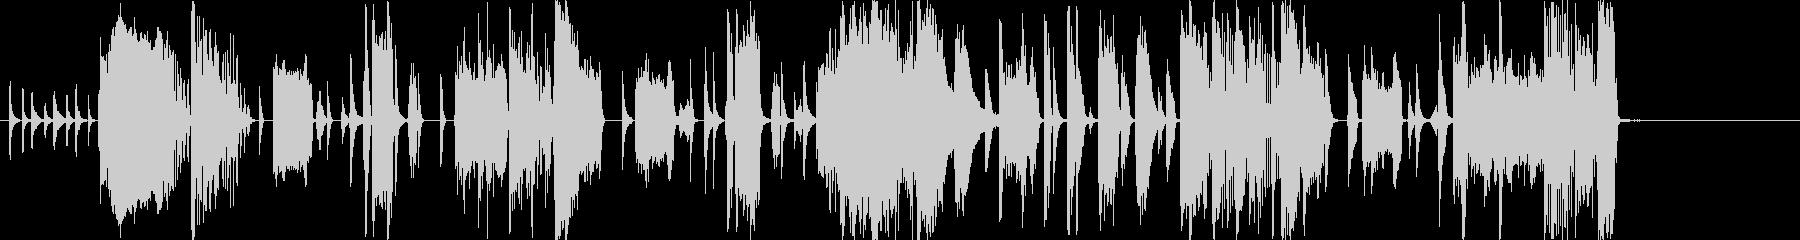 ファンクファンファーレの未再生の波形